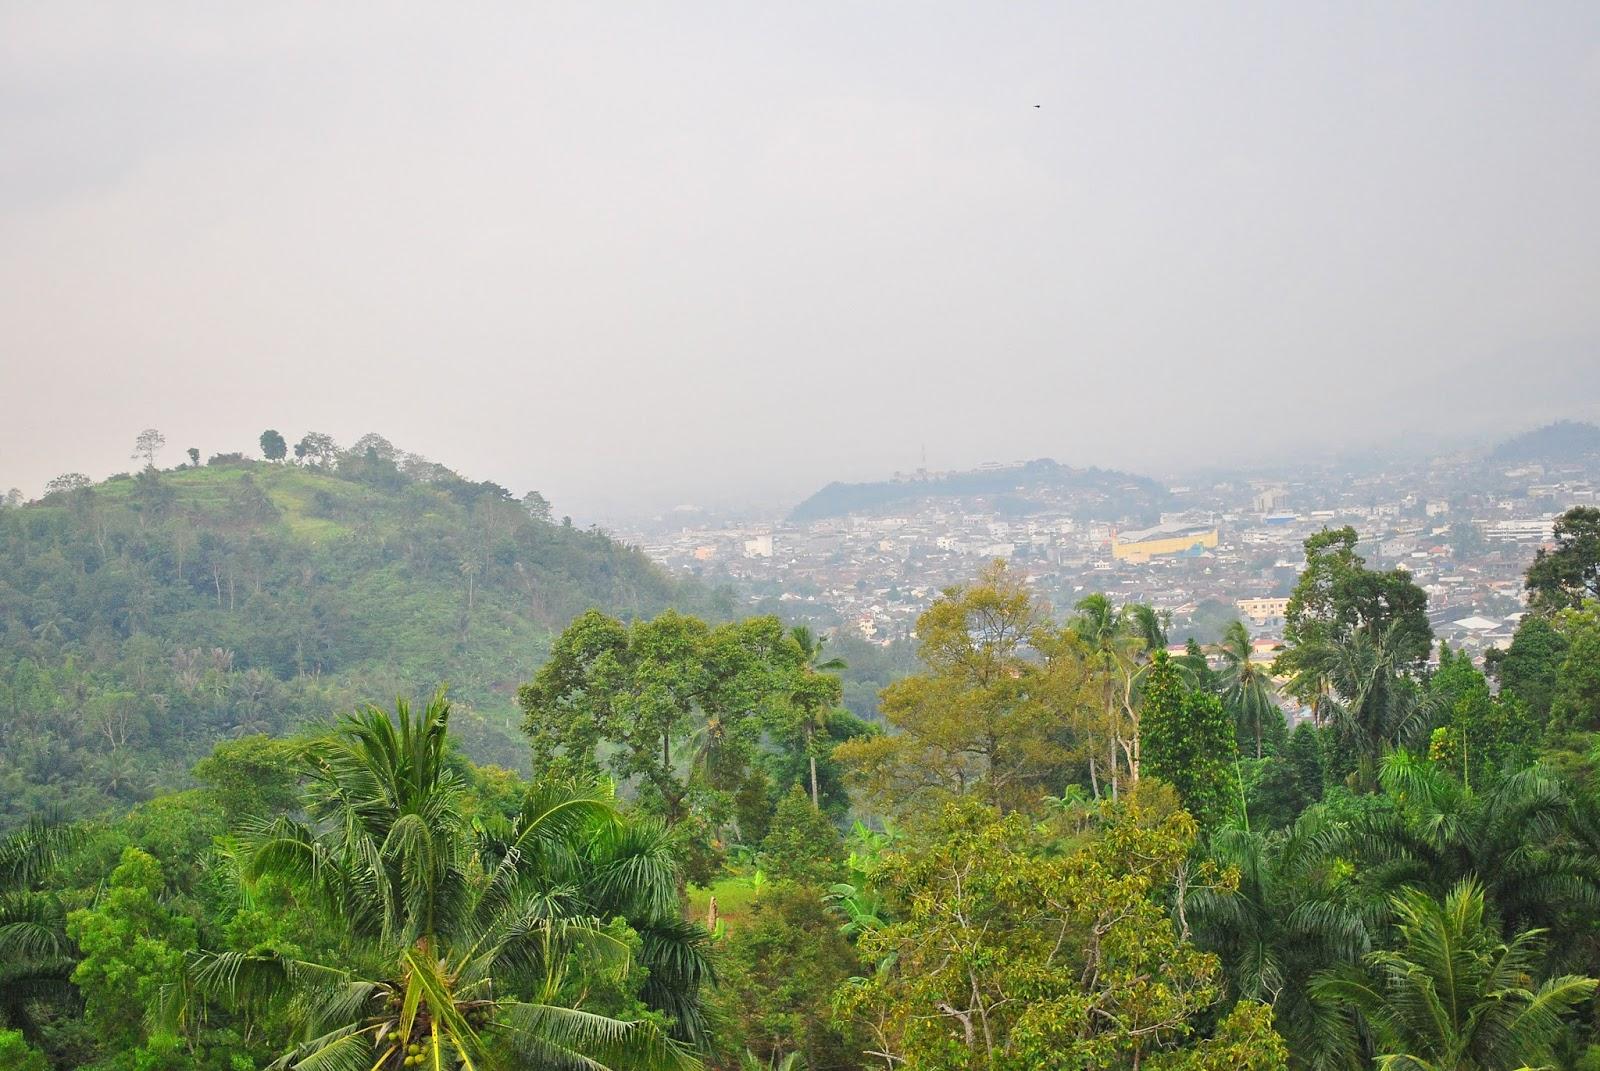 Jenis Wisata Menarik Bandar Lampung Duniaindra View Pusat Kota Pucak